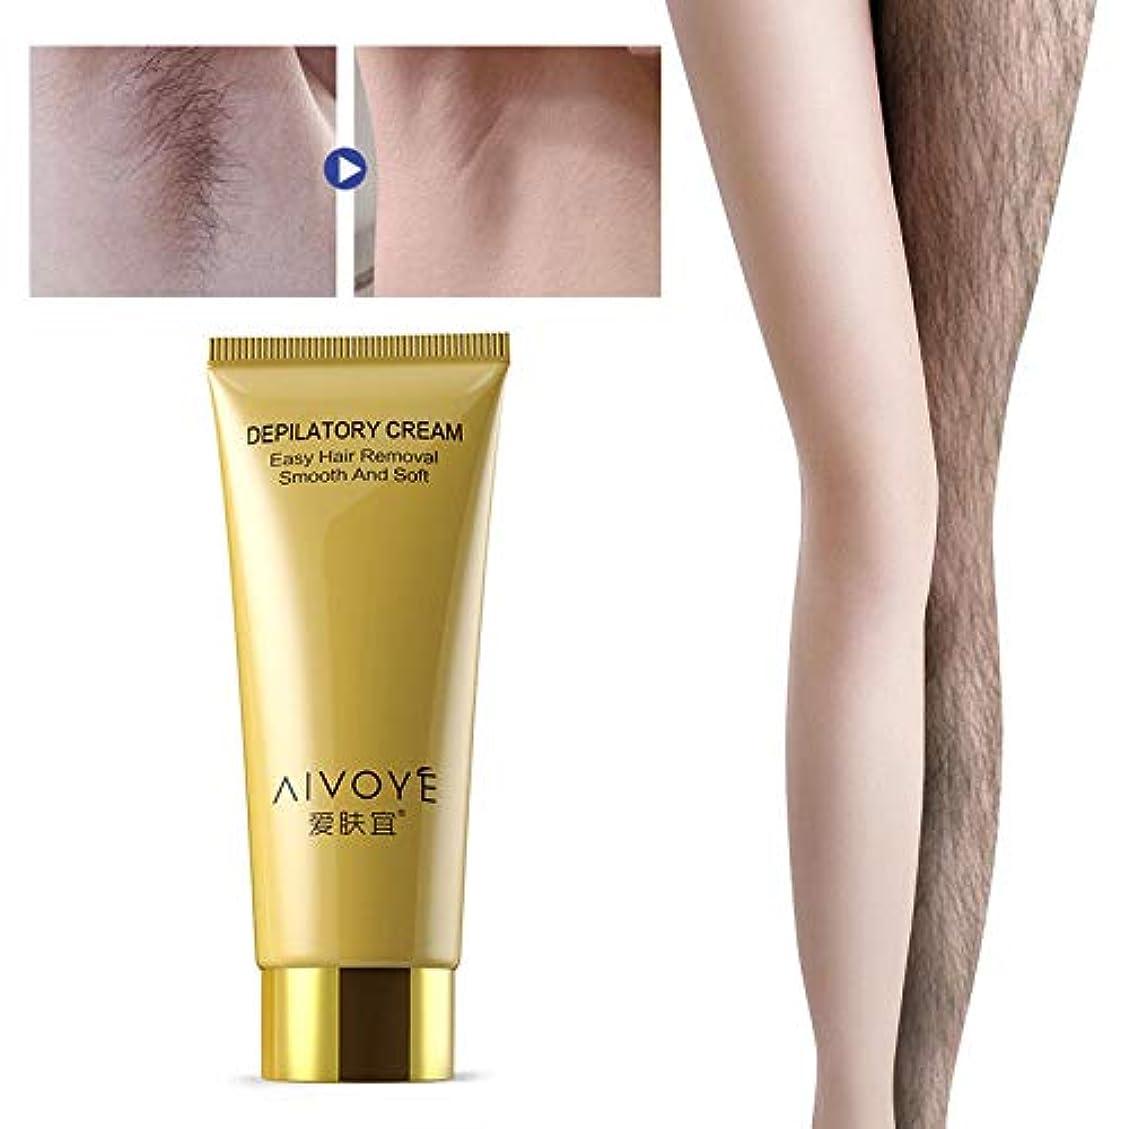 カビ長いです割り当てるRabugoo 60g男性女性安全な痛みを抑える脱毛クリーム脚の体のための滑らかな肌の脱毛クリーム